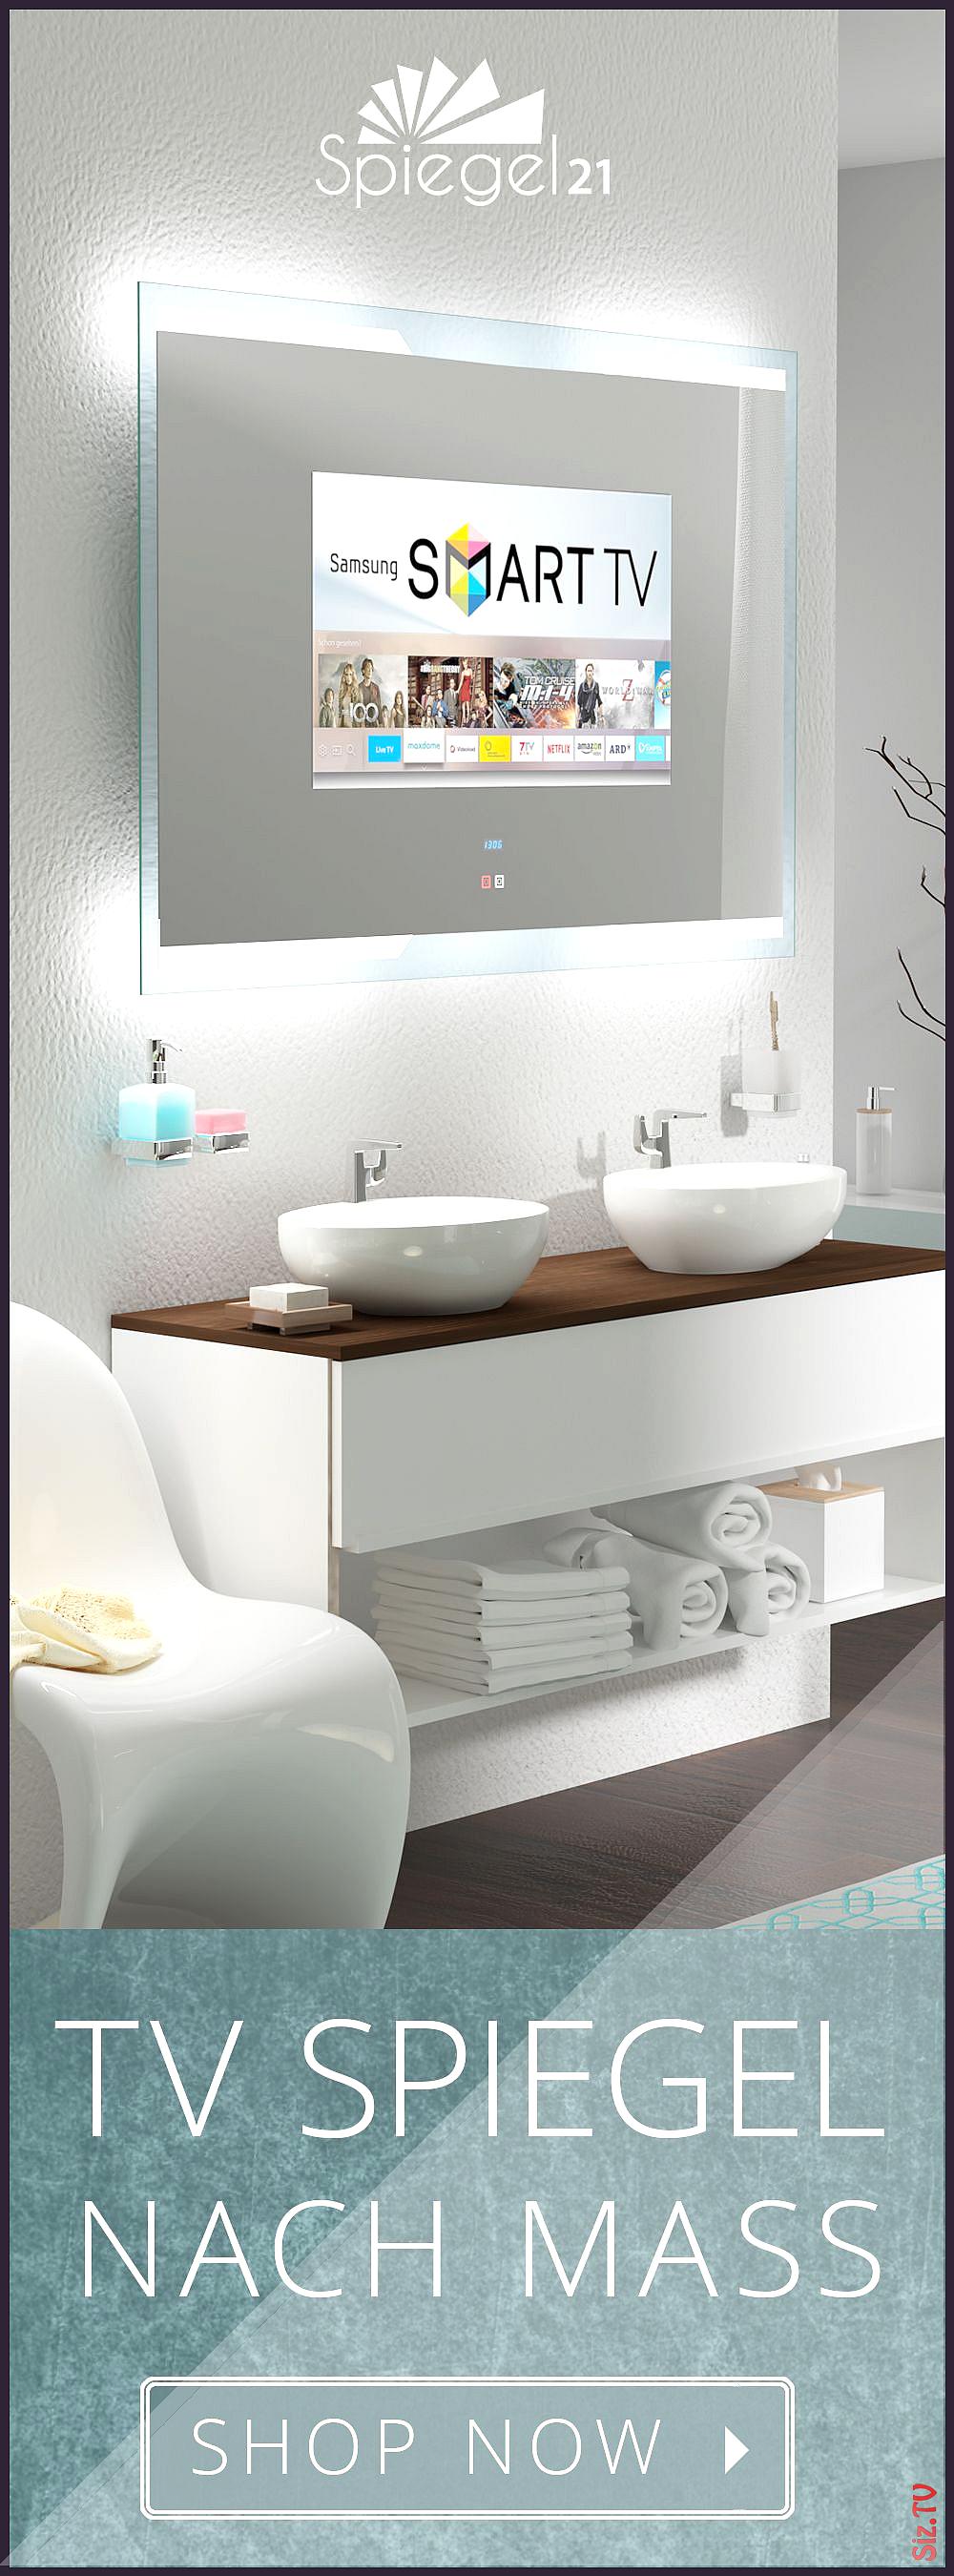 Bad Spiegel Mit Smart Tv 156 Bis 40 Zoll Badspiegel Mit Fernseher